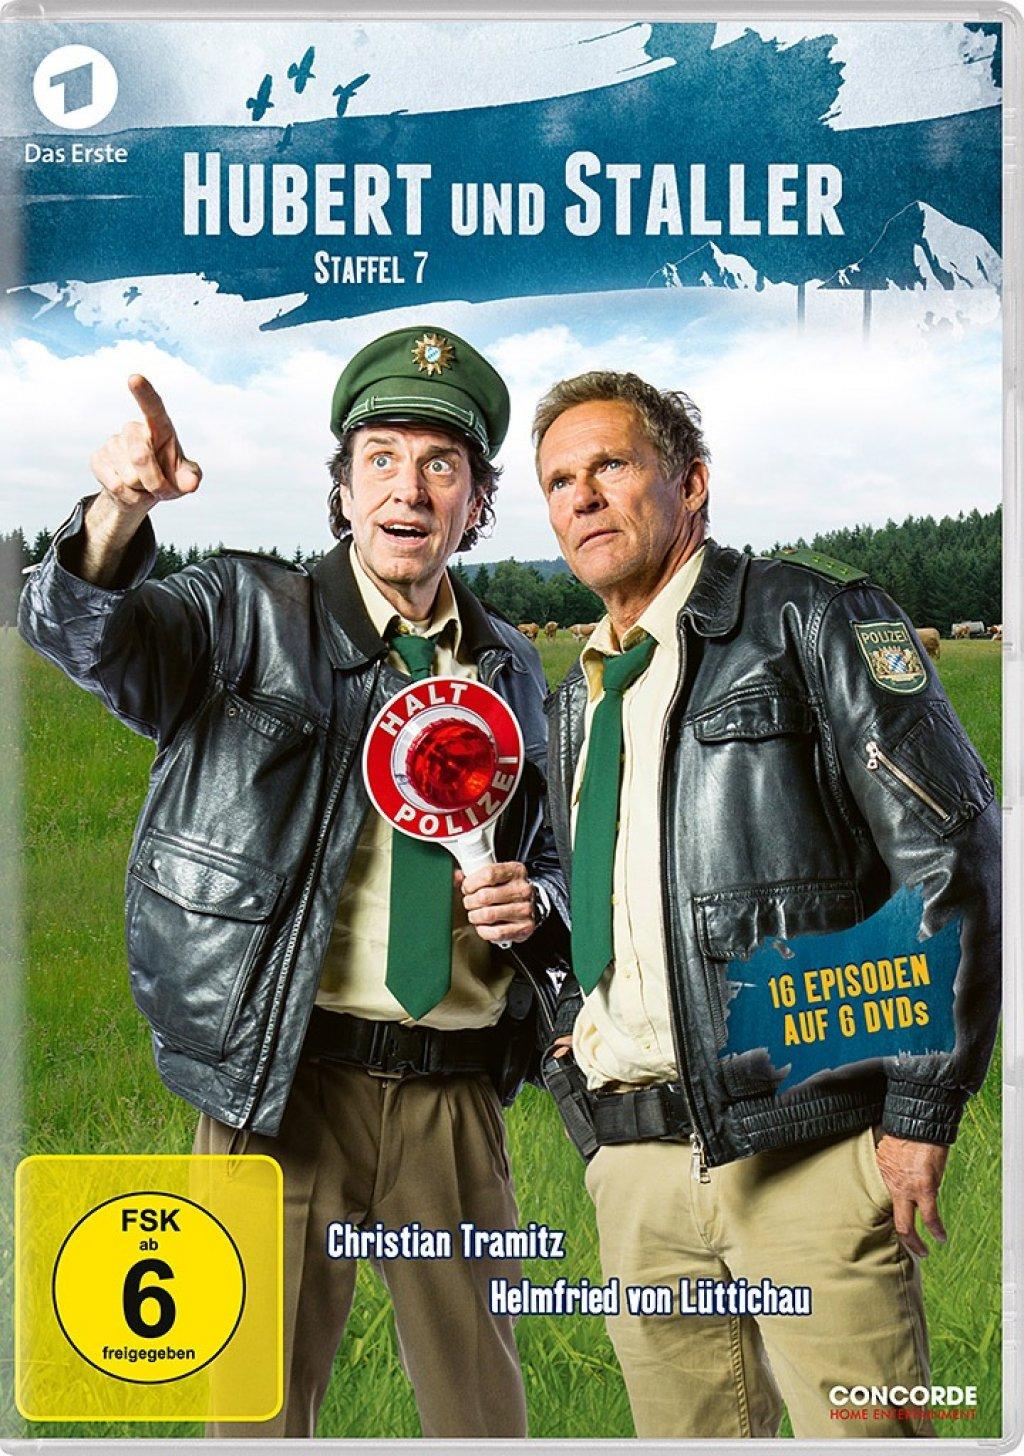 Hubert Und Staller Dvd Box